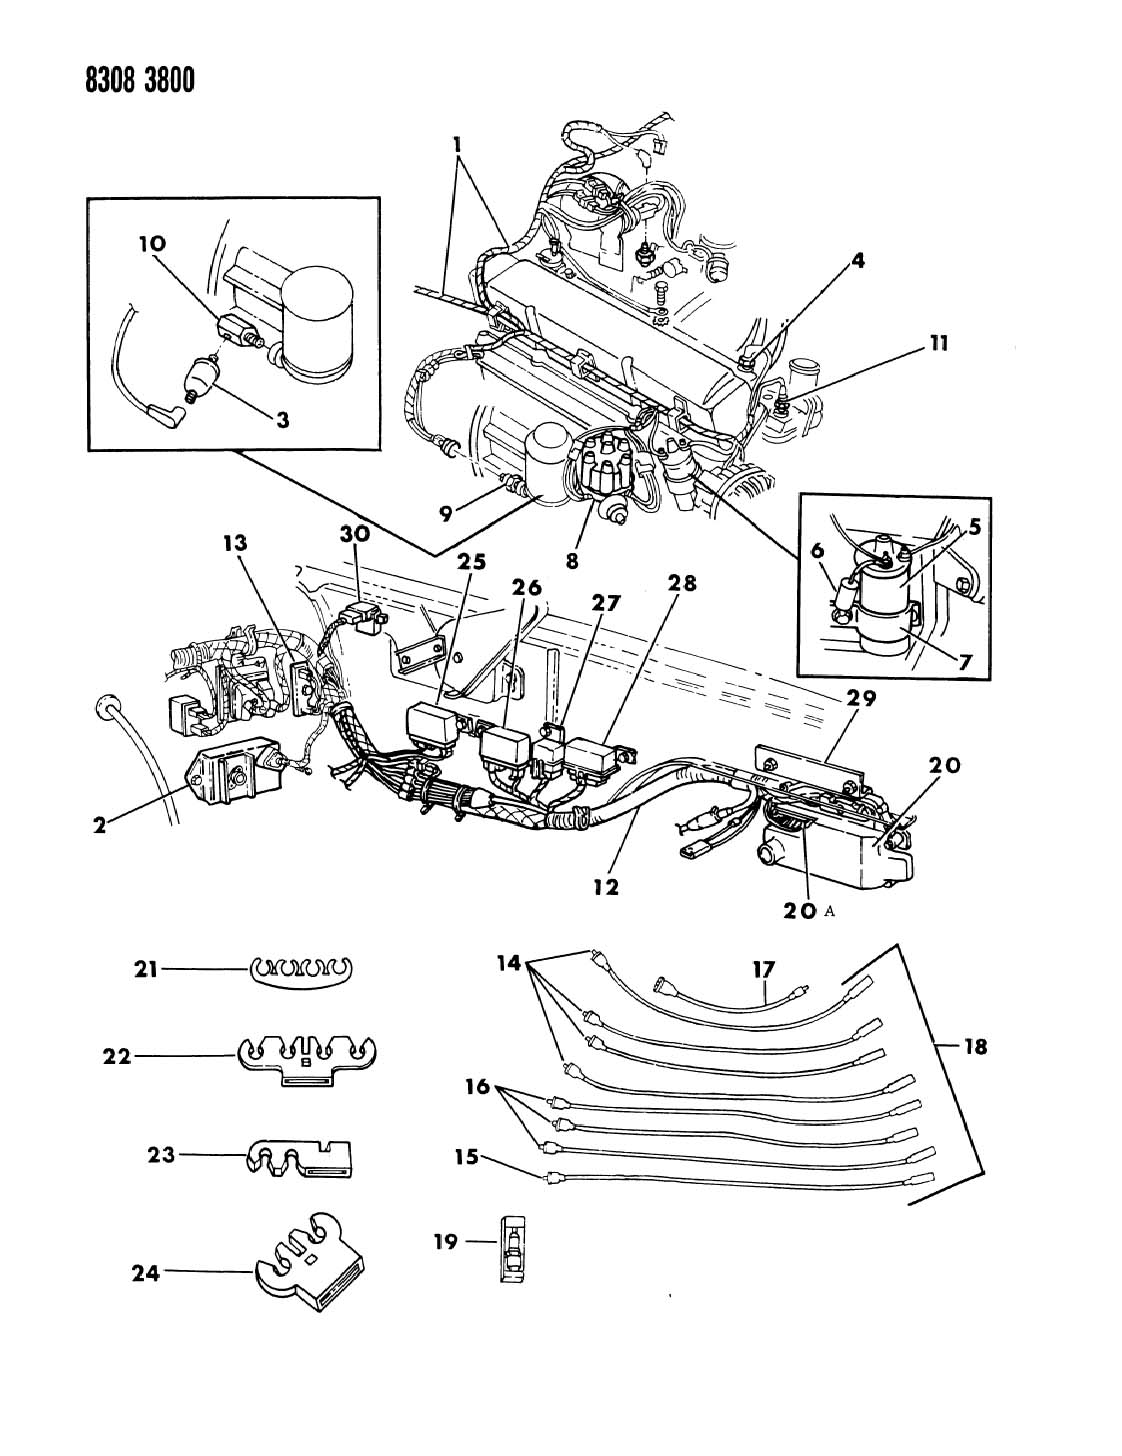 1990 Dodge Dakota Relay, starter, relays, starter, starter